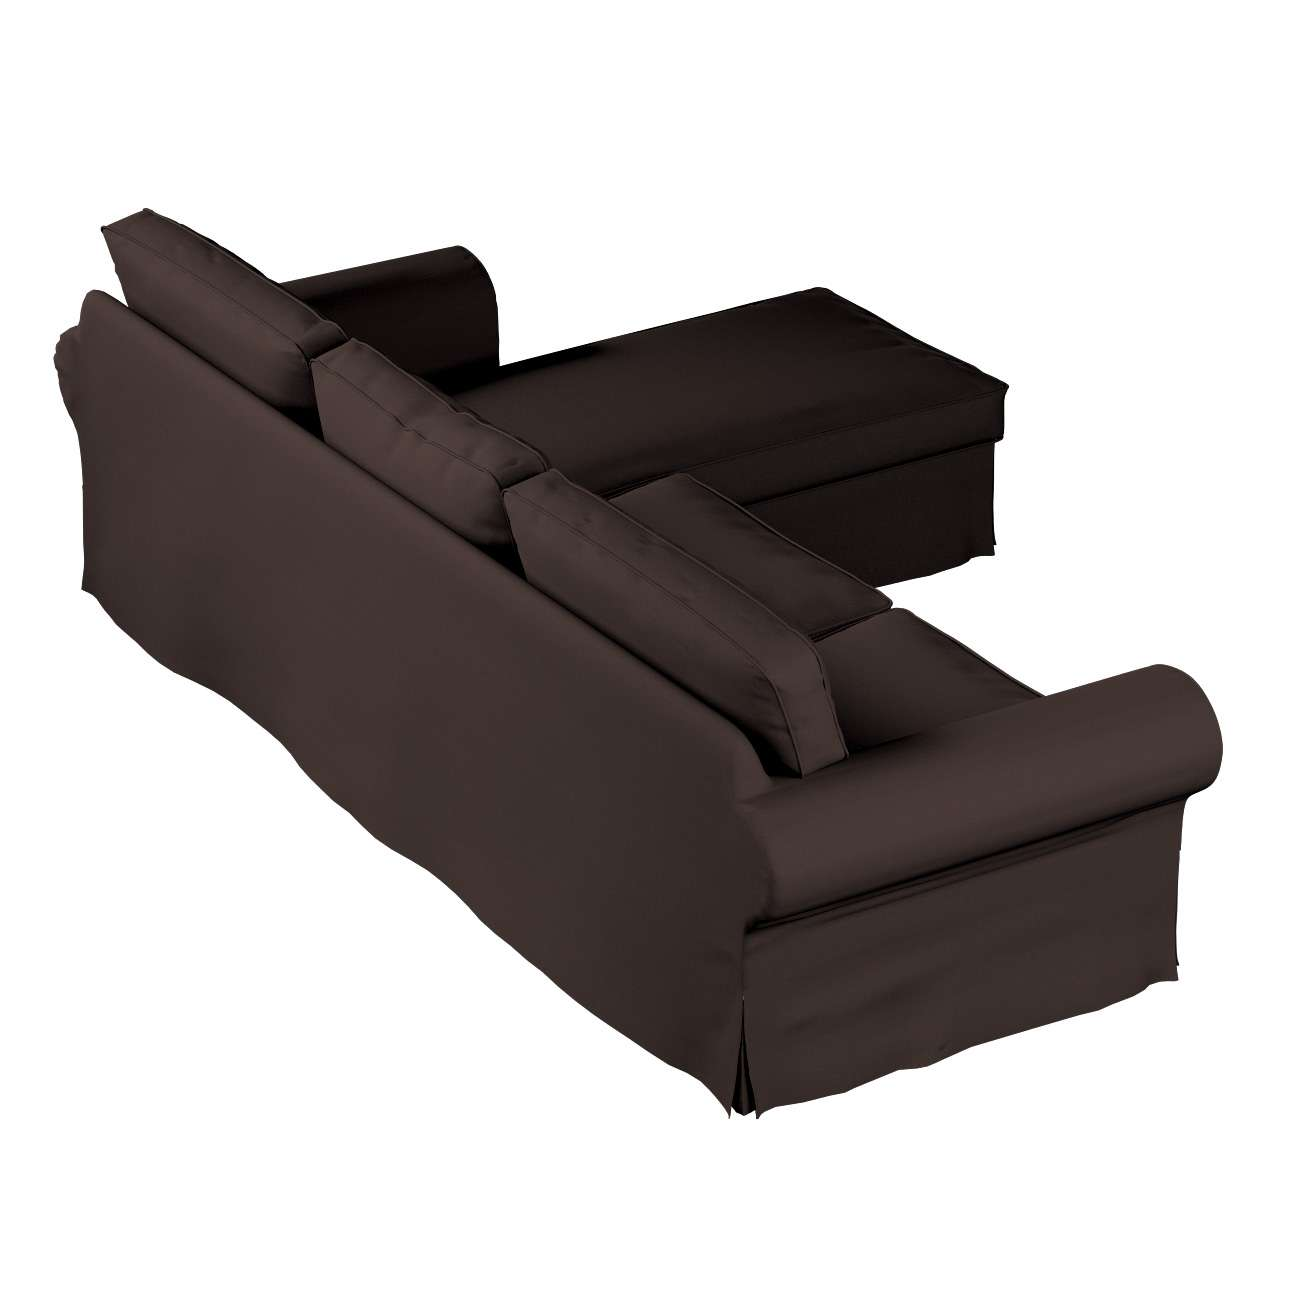 Ektorp dvivietės sofos su gulimuoju krėslu užvalkalas Ikea Ektorp dvivietės sofos su gulimuoju krėslu užvalkalas kolekcijoje Cotton Panama, audinys: 702-03